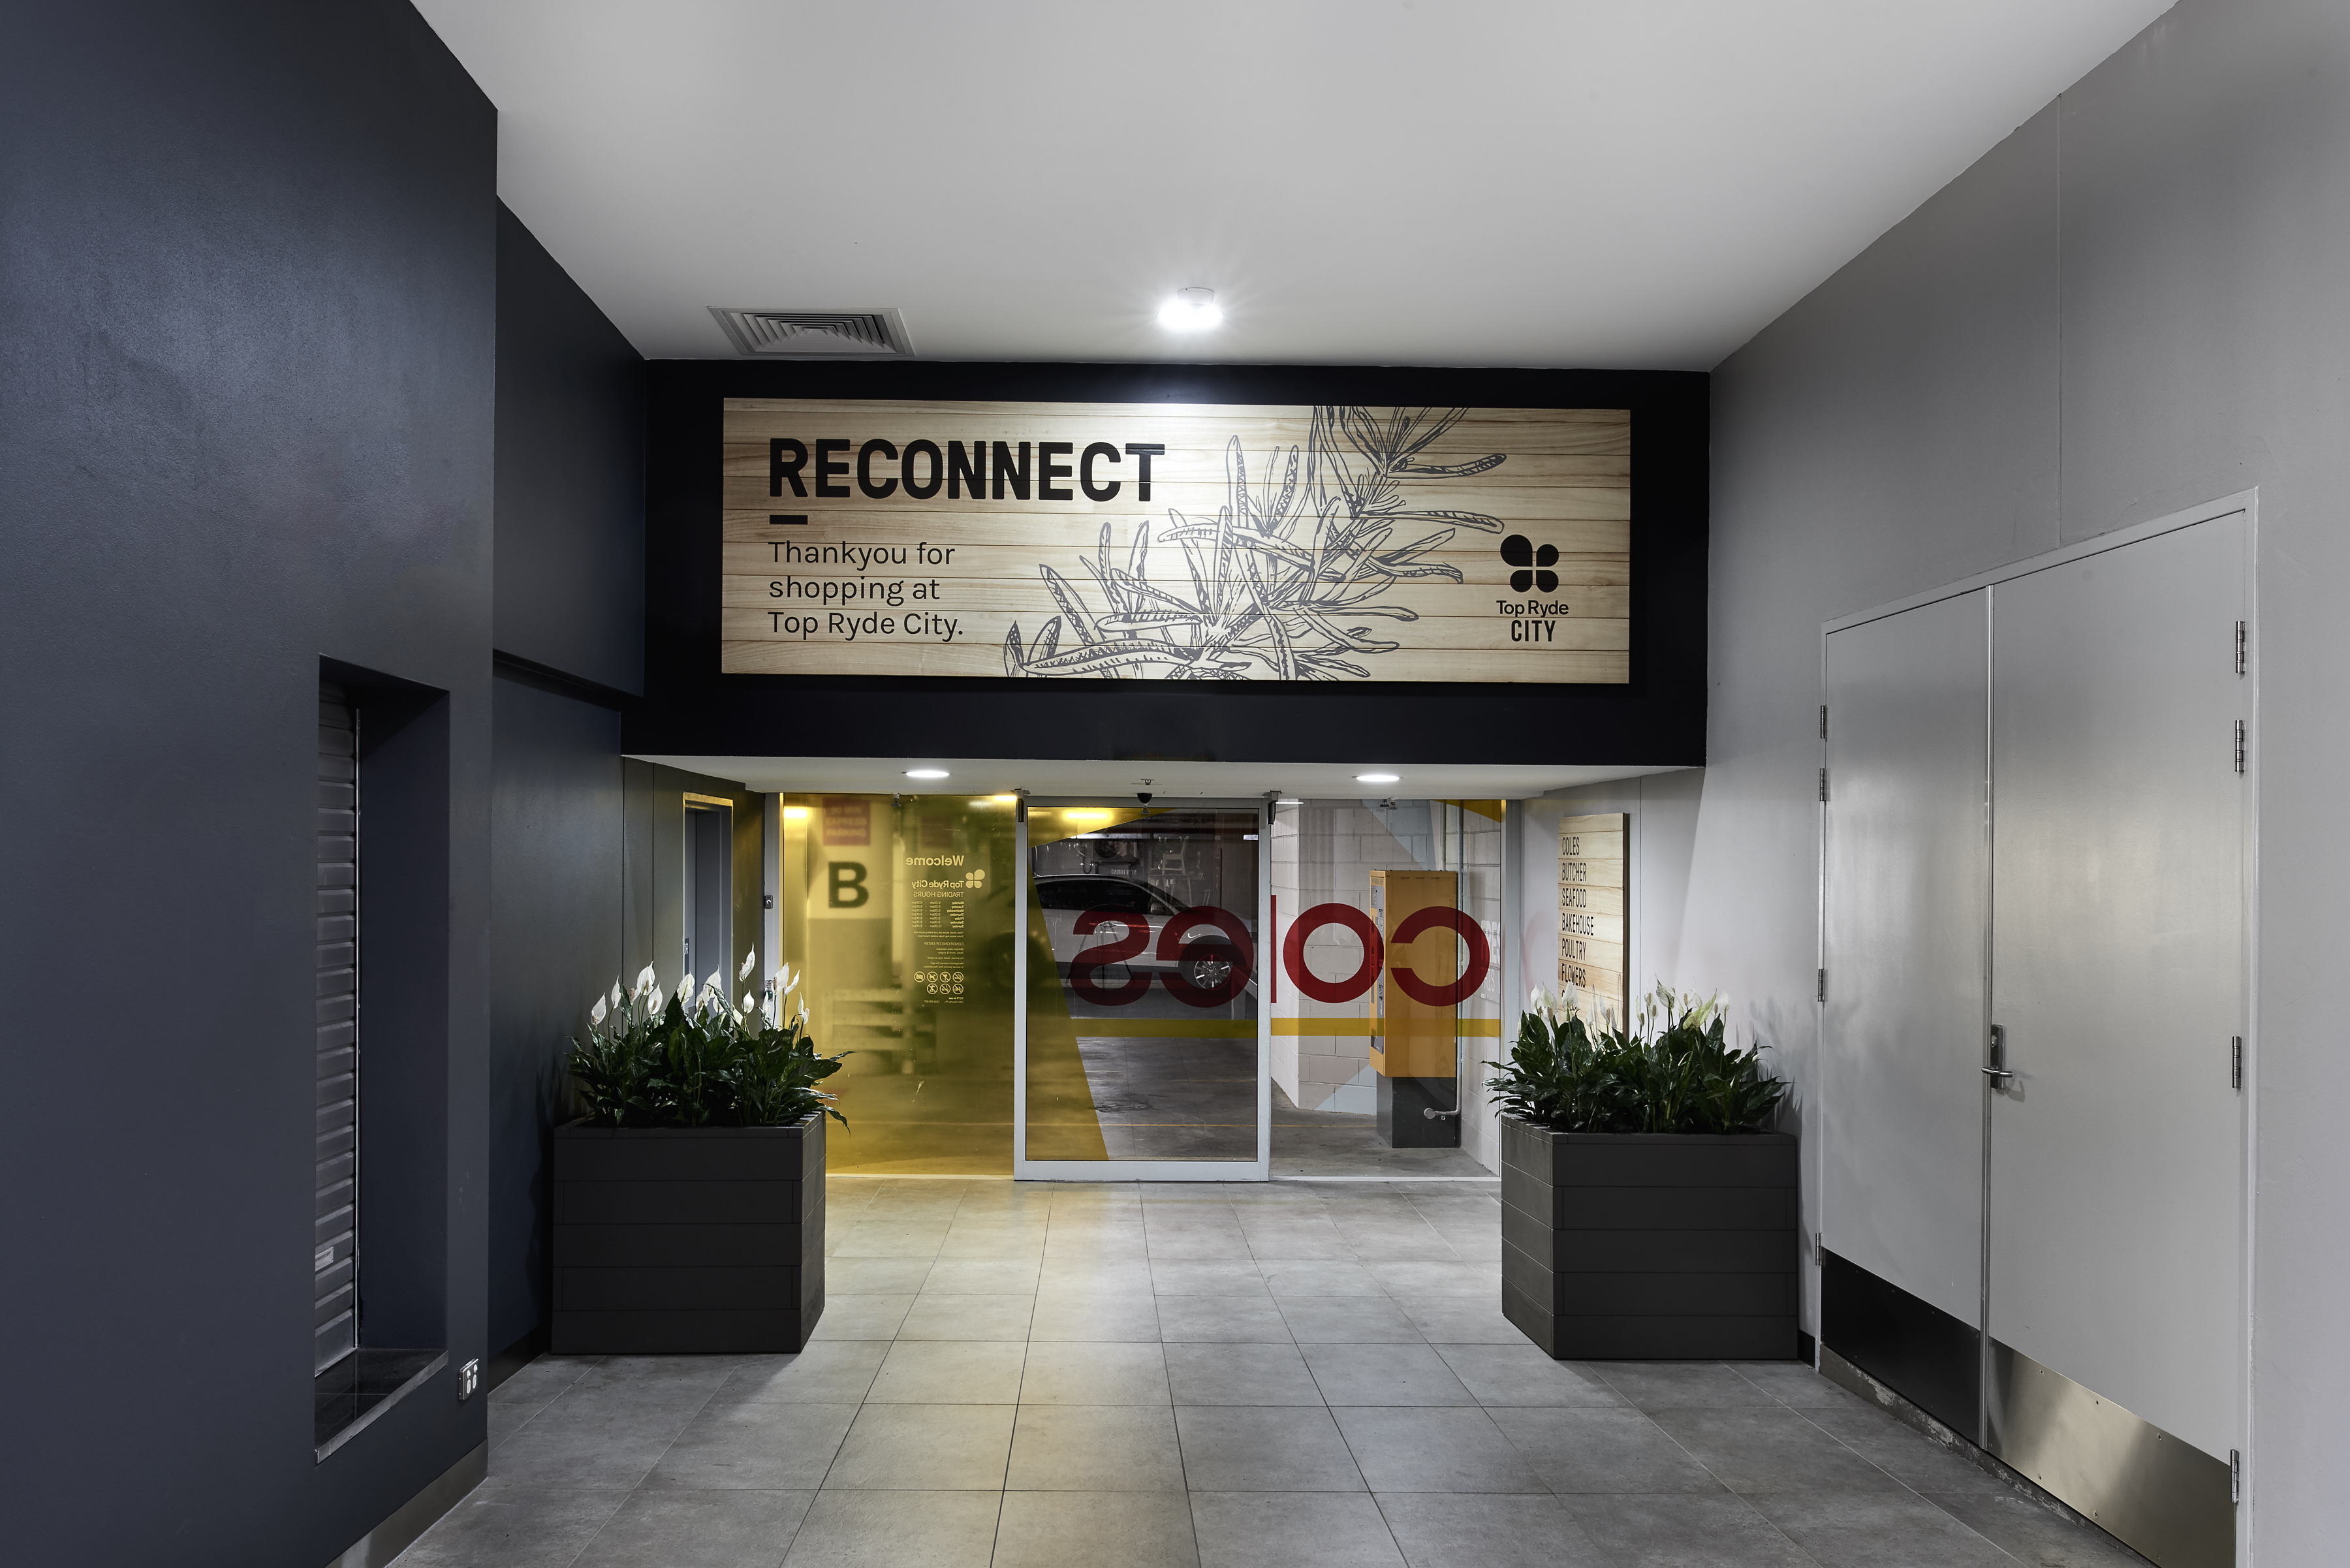 悉尼上莱德生鲜食品中心导视系统设计©dovetaildesign